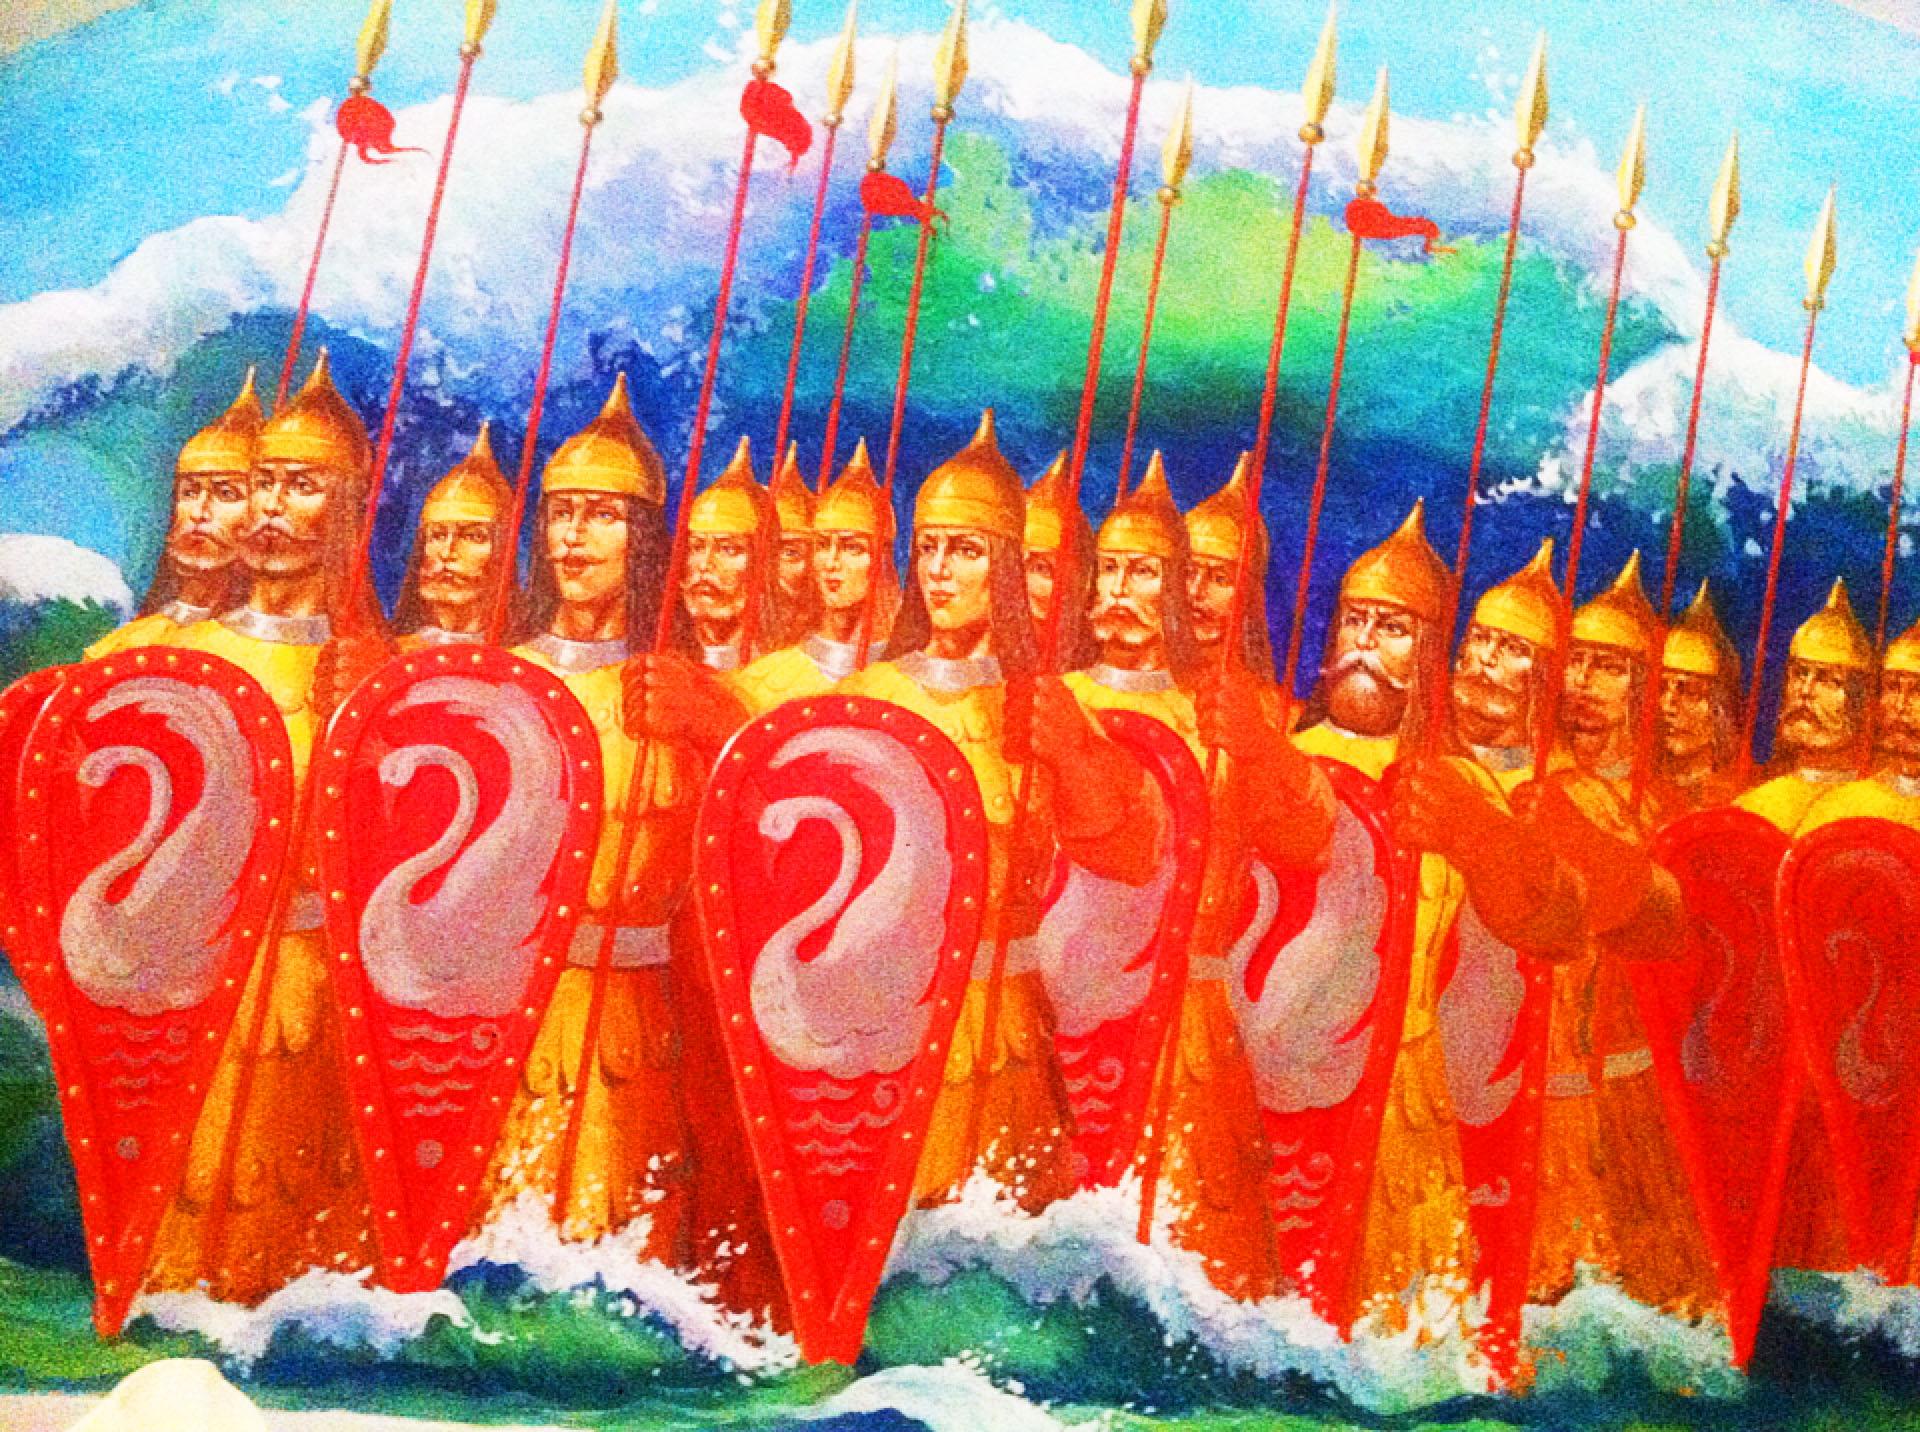 Картинки тридцать витязей прекрасных чредой из вод выходят ясных